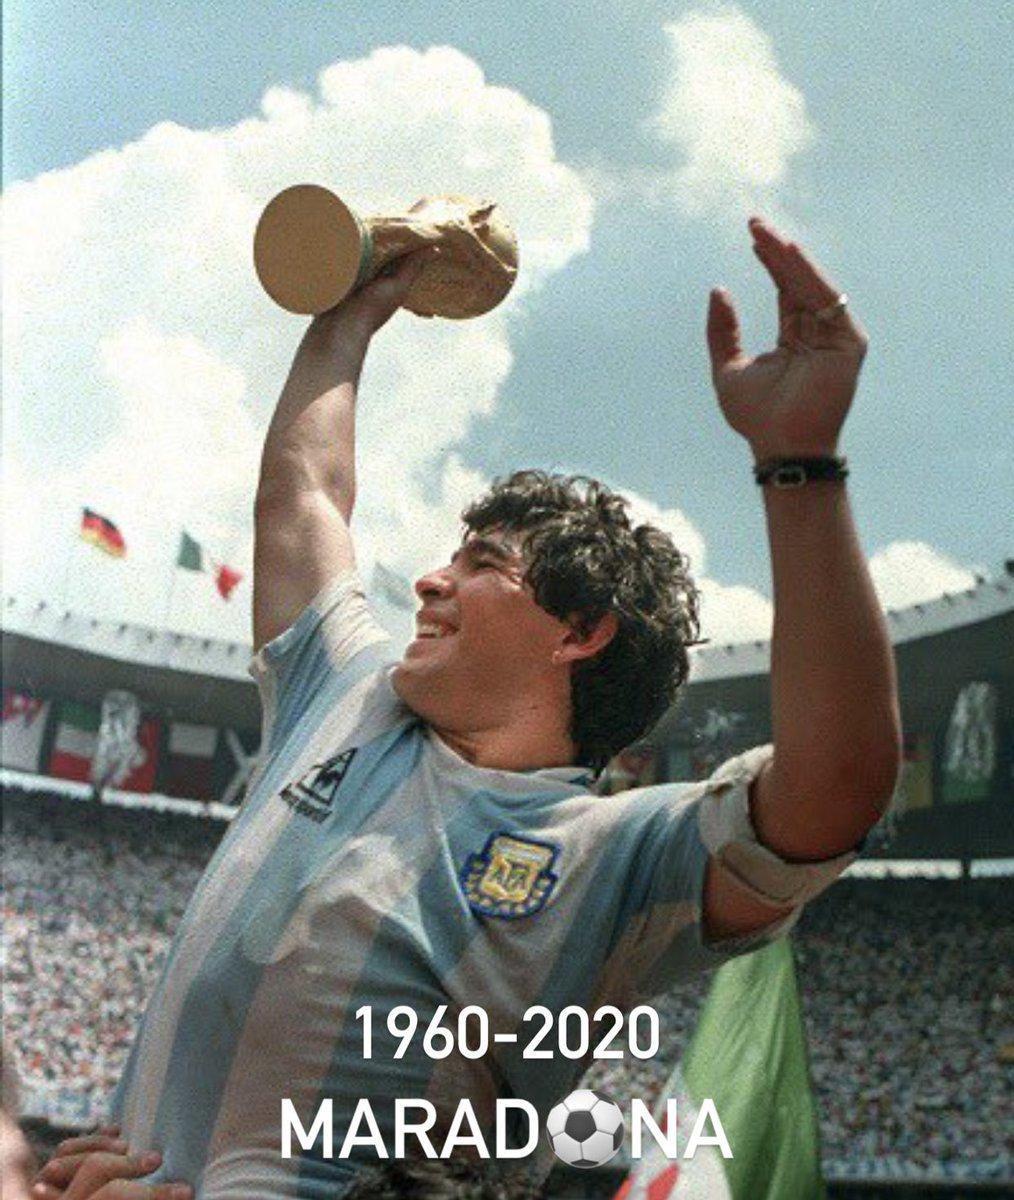 Rest in peace, legend. #Maradona 🙏🏻